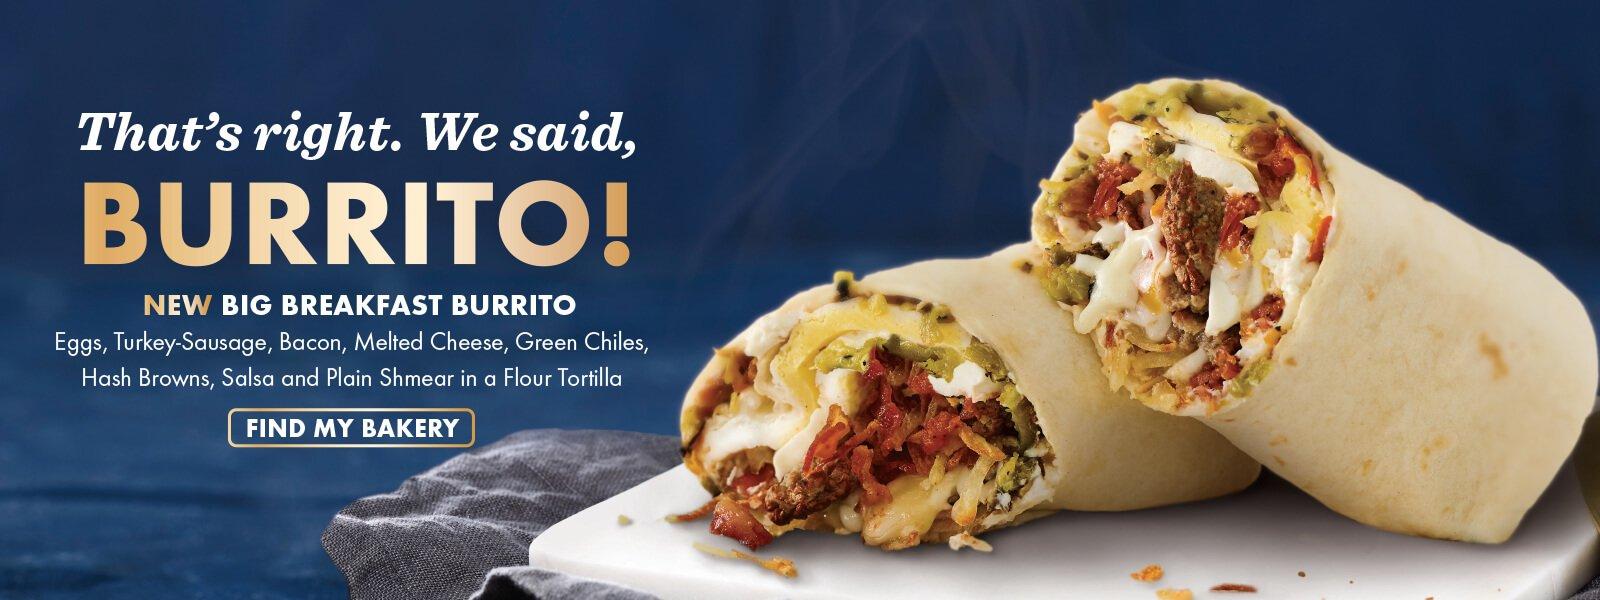 New Big Breakfast Burrito at Noah's